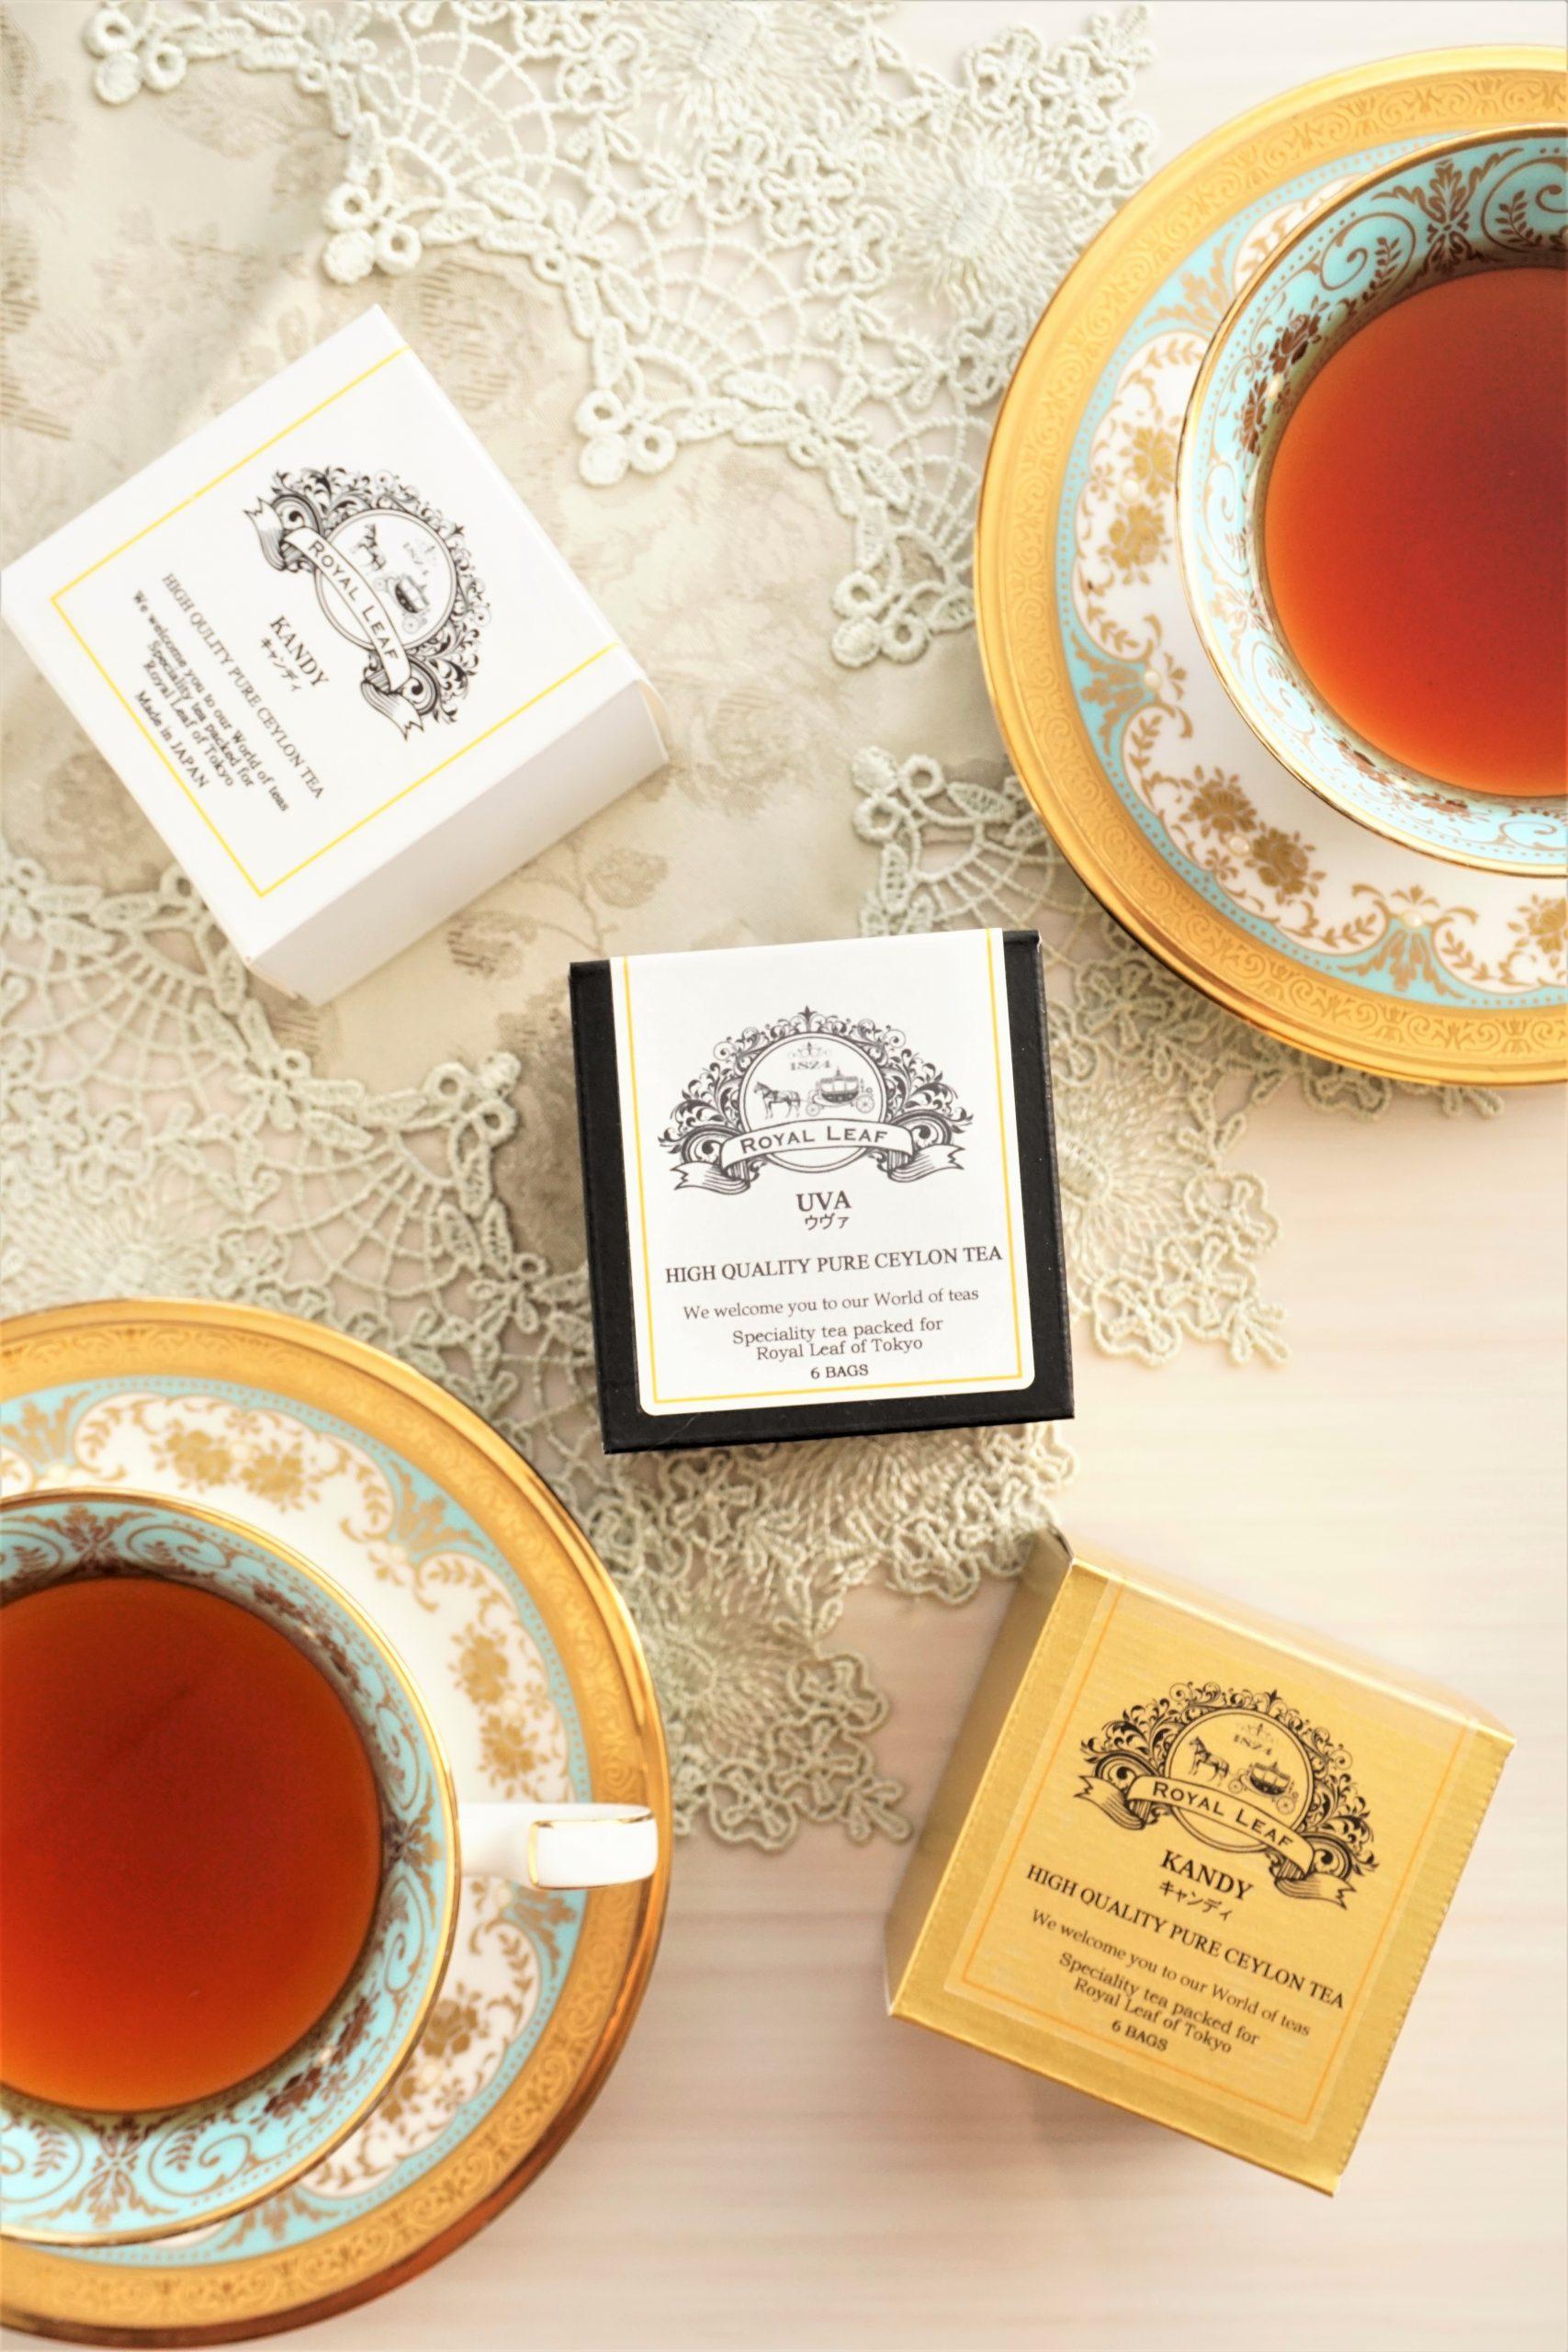 royal leaf tea image